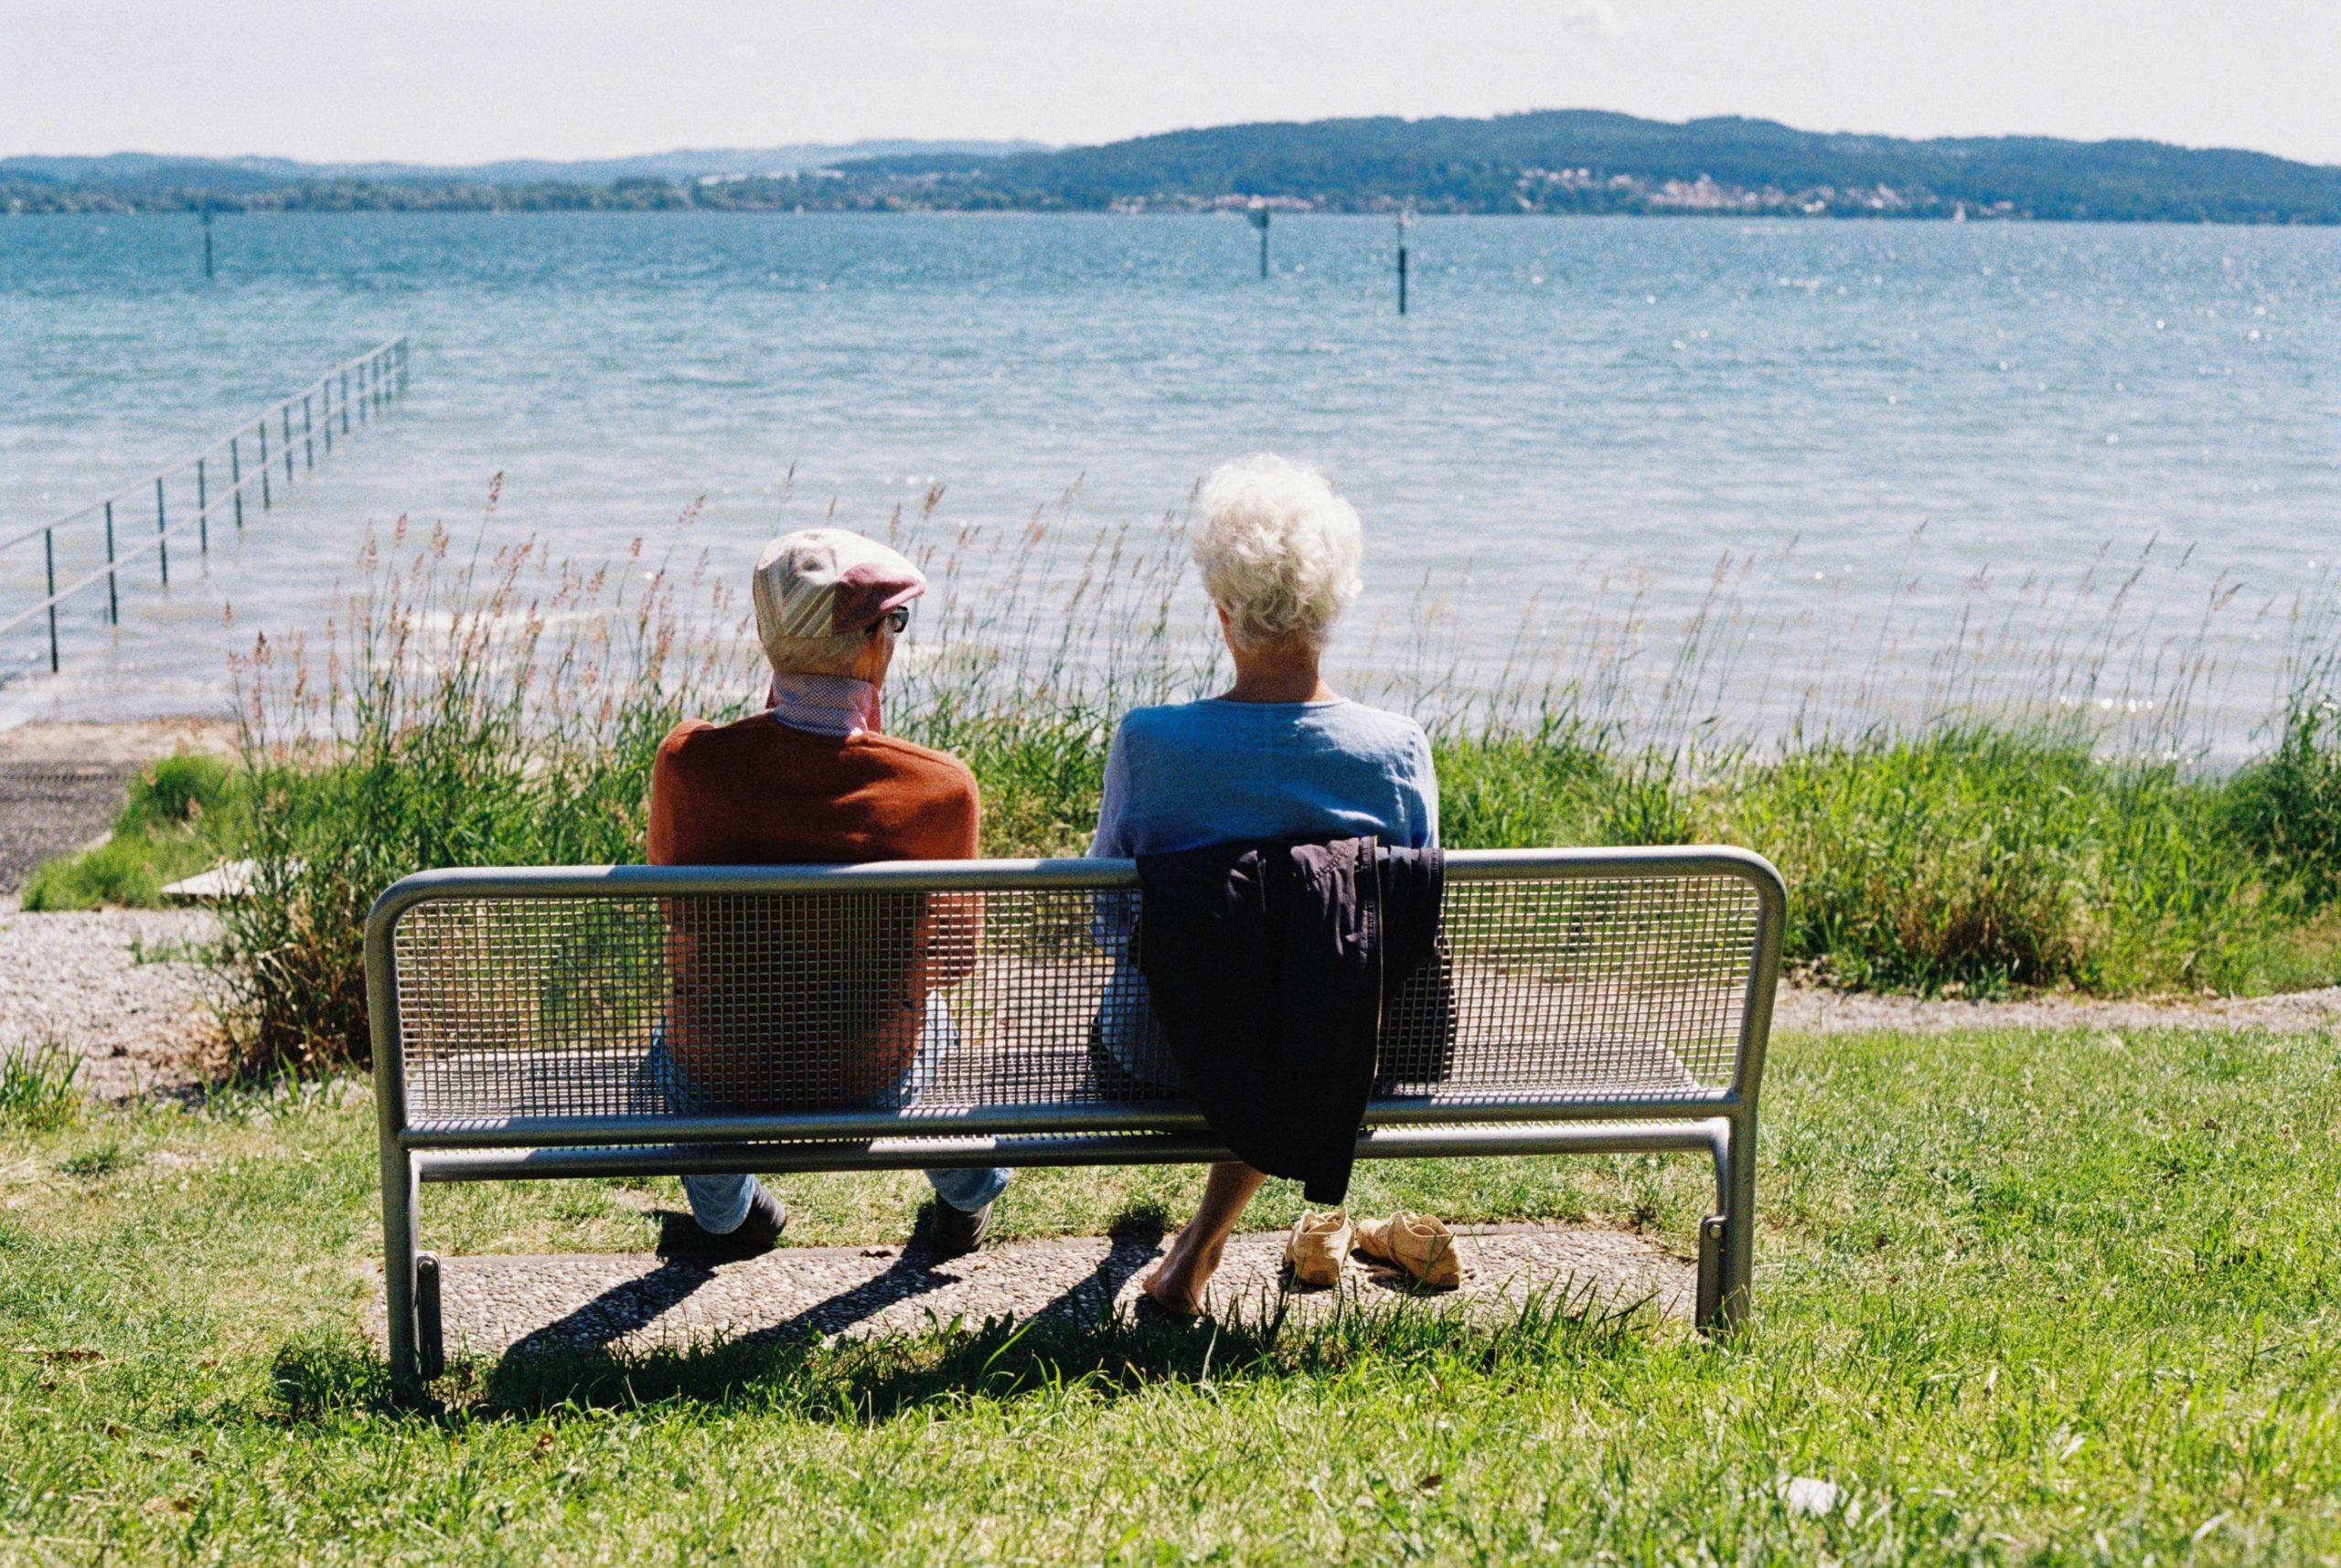 Ein schöner Moment im Sommer 2020 am  Bodensee. Zeiss Ikon mit Zeiss Planar 50/2 ZM, Kodak Gold 200.